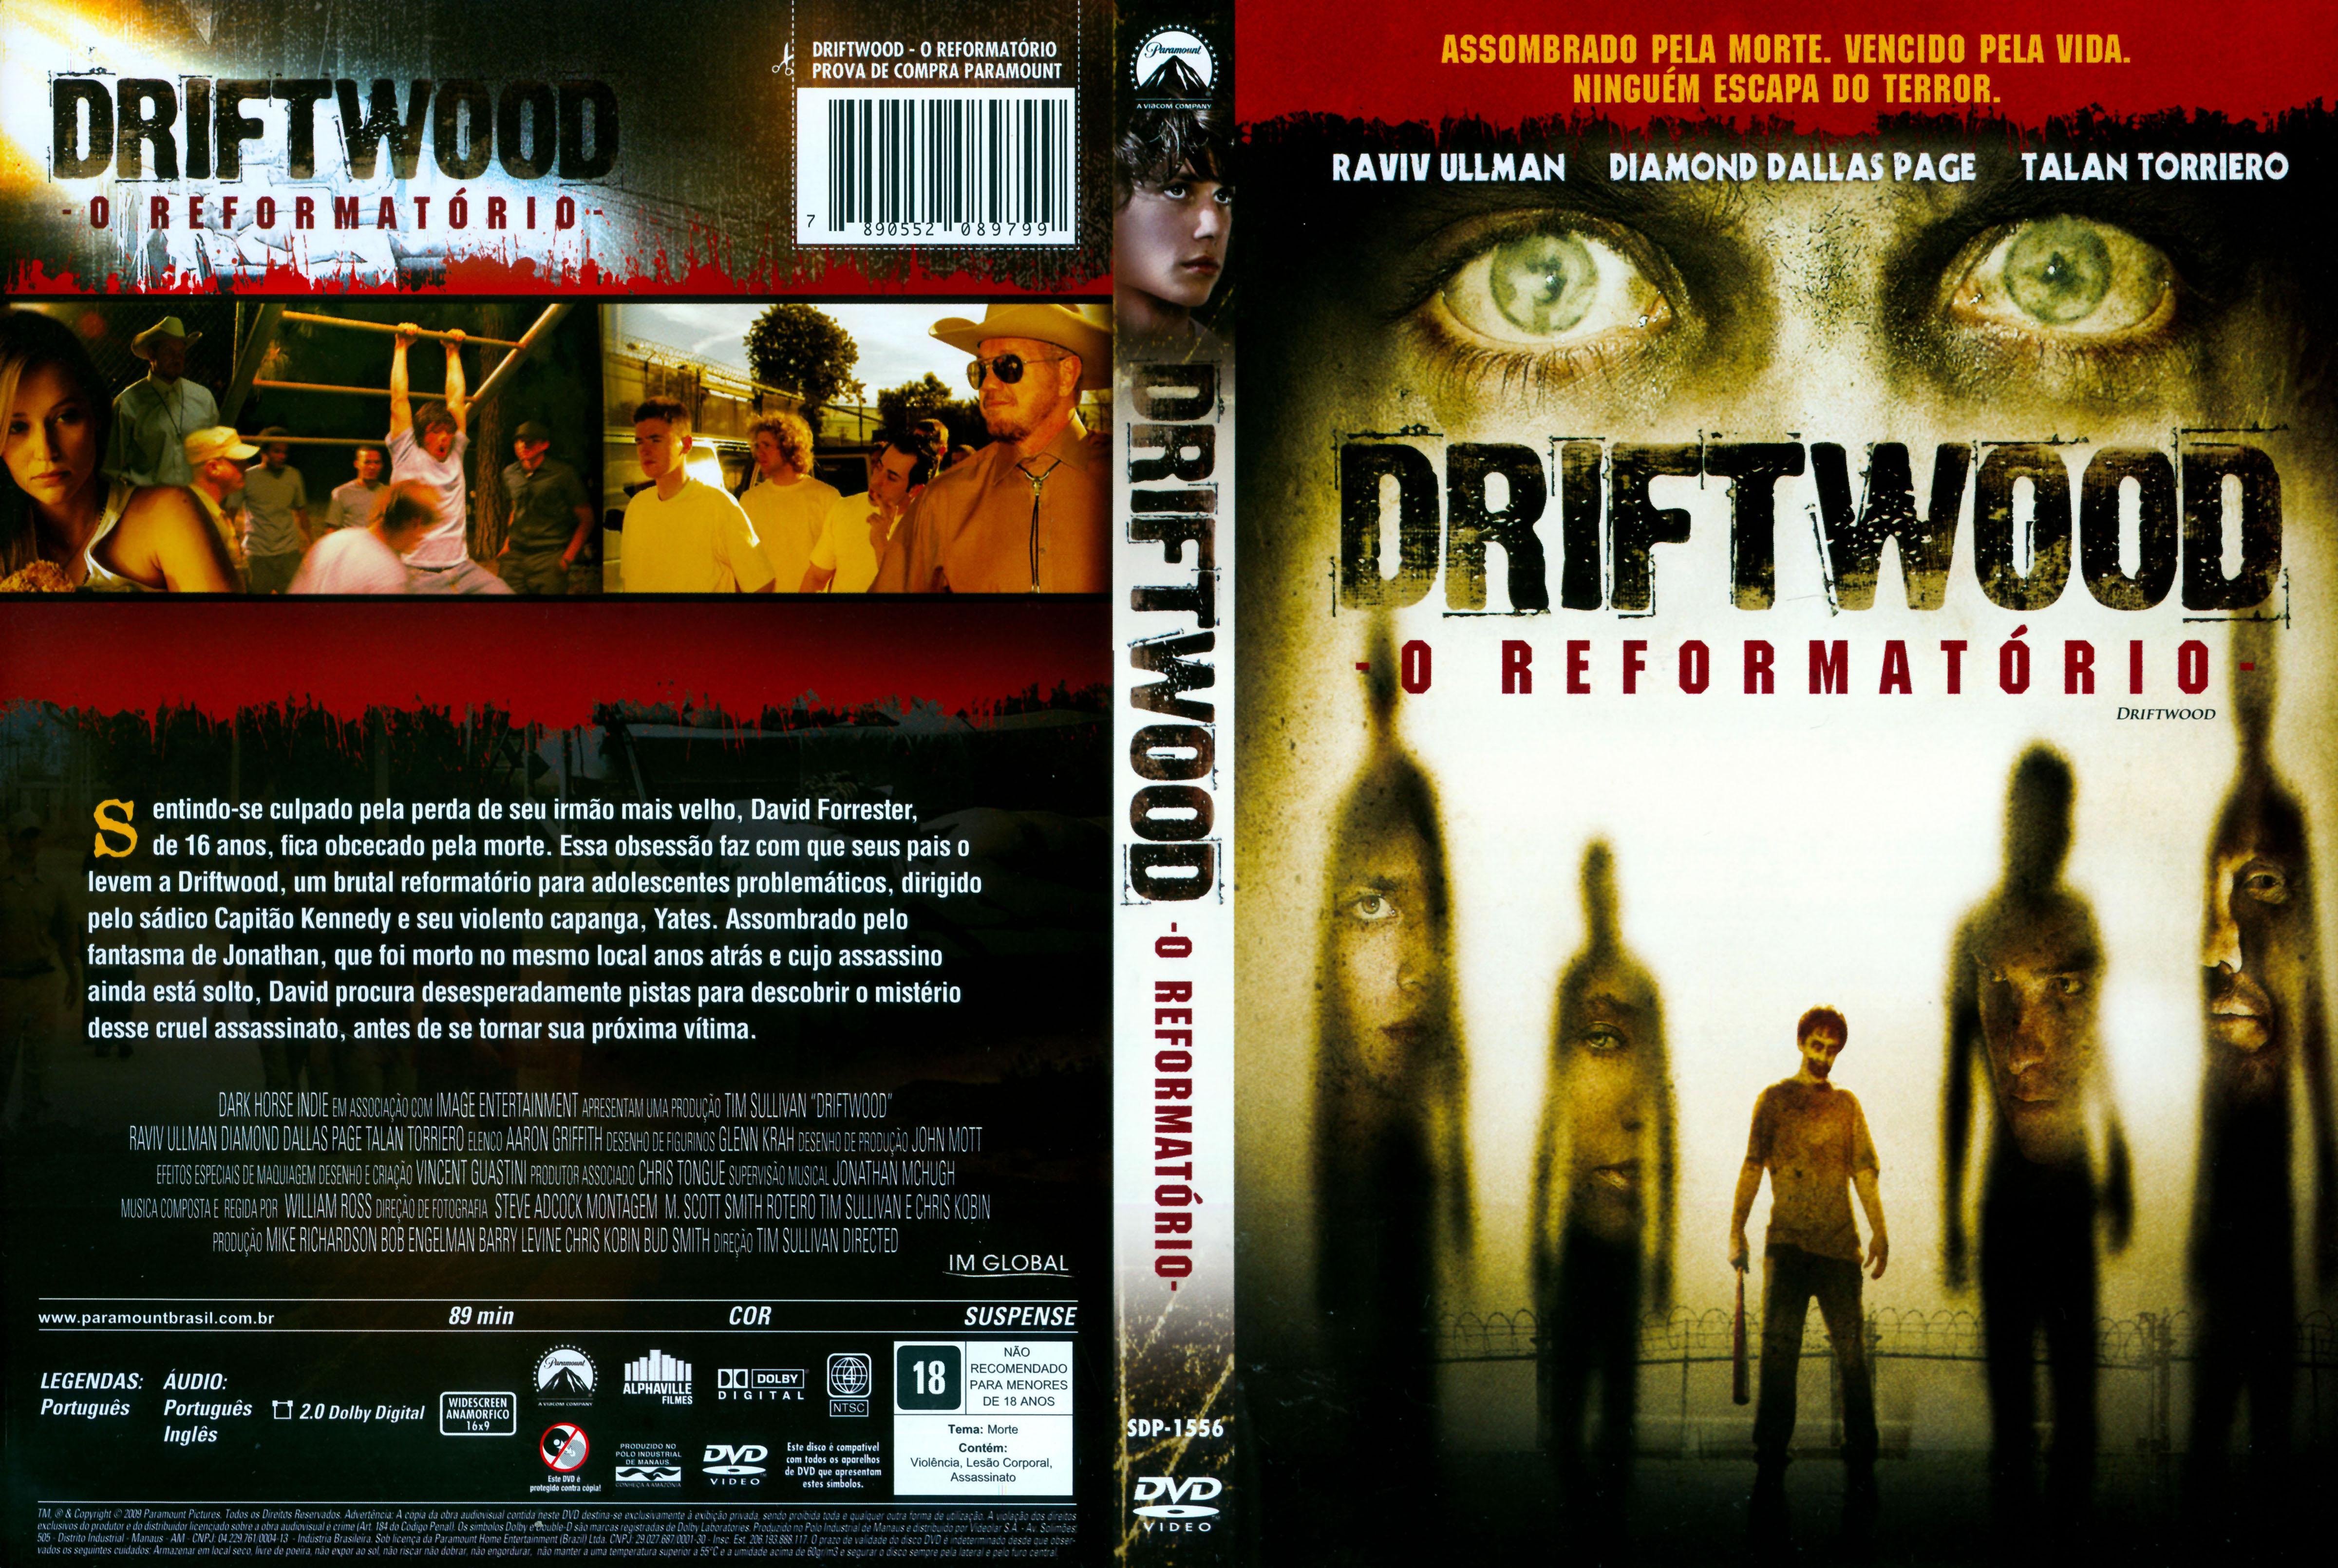 DriftwoodOReformatorio